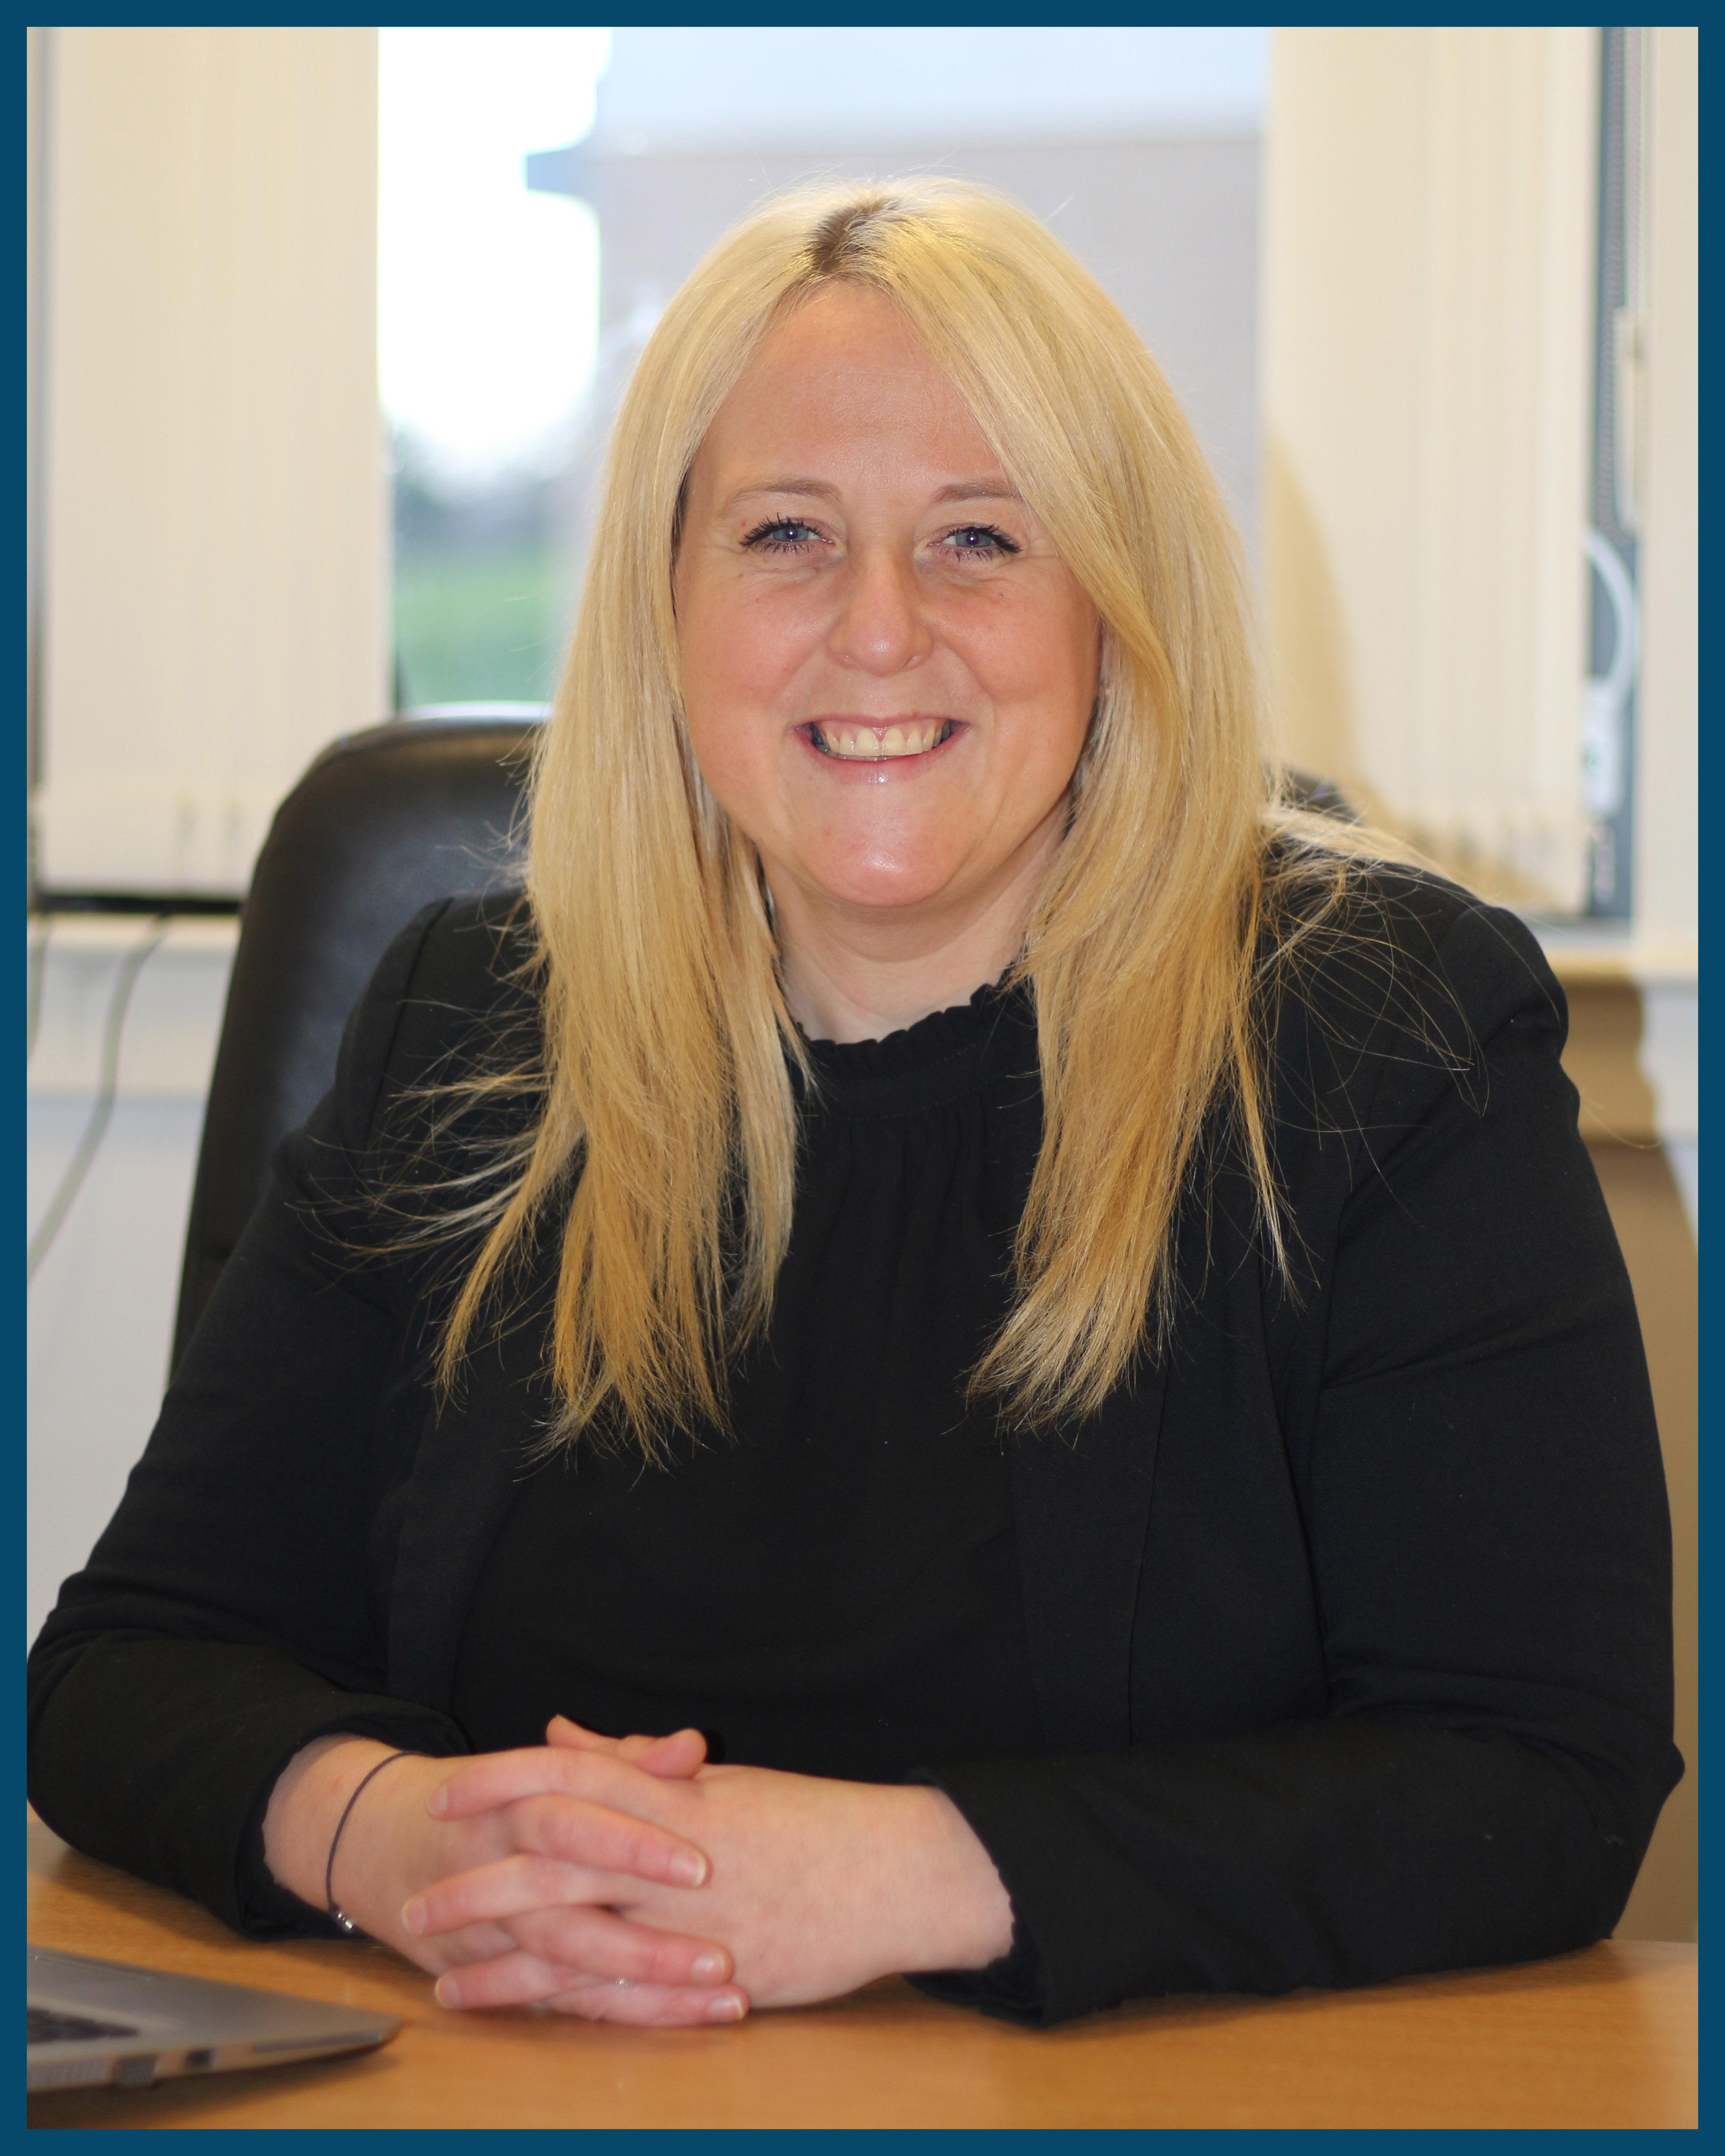 Head Teacher - Shelley McLaren